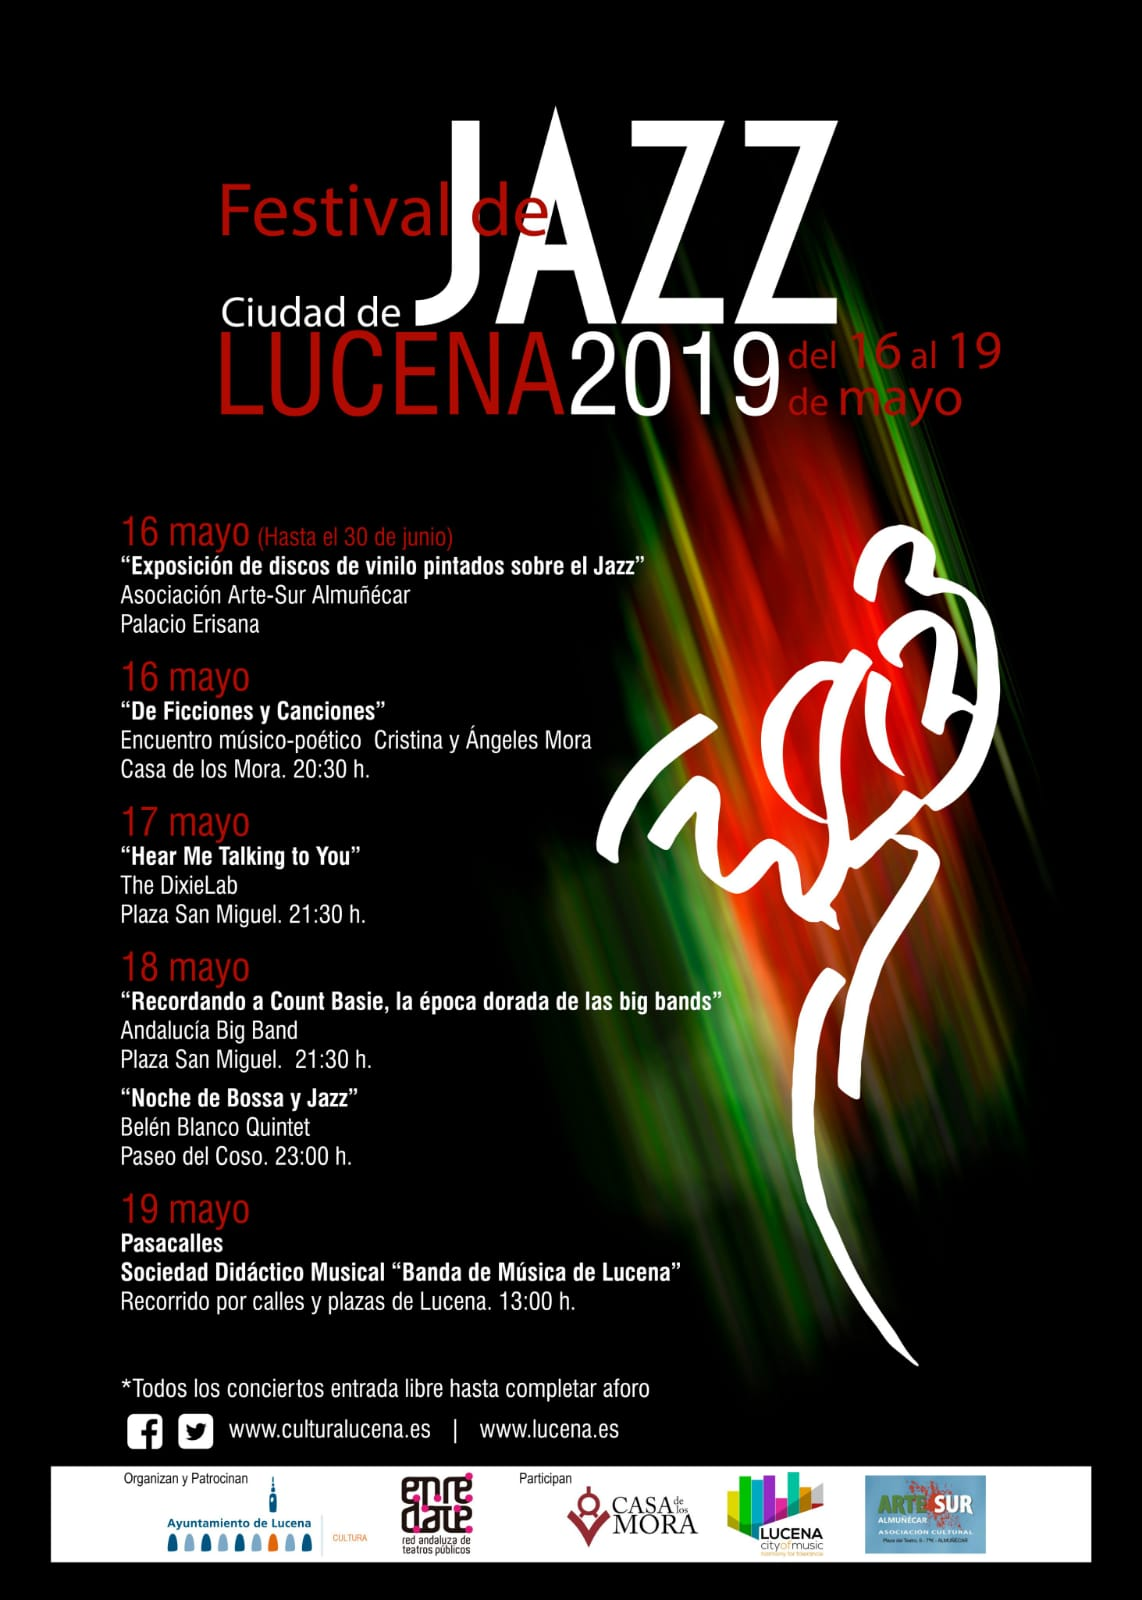 Festival de Jazz Ciudad de Lucena 2019 @ varios espacios